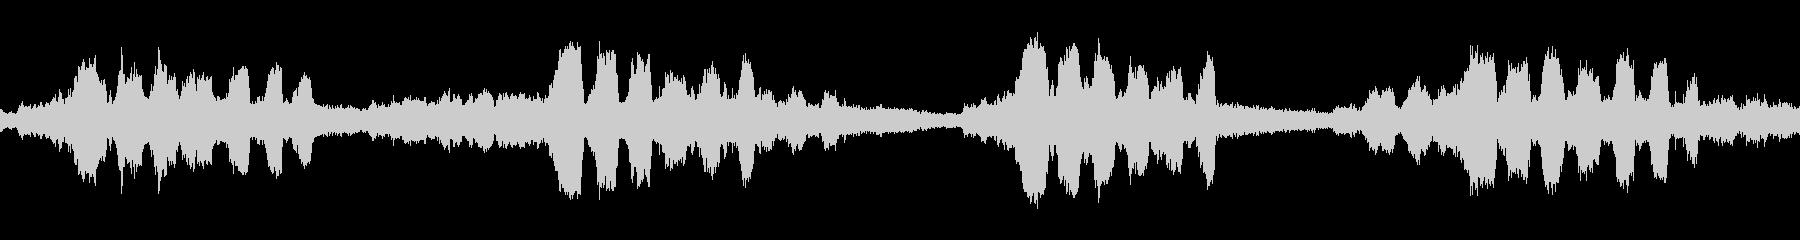 ミンミンゼミの鳴き声(ループ)の未再生の波形